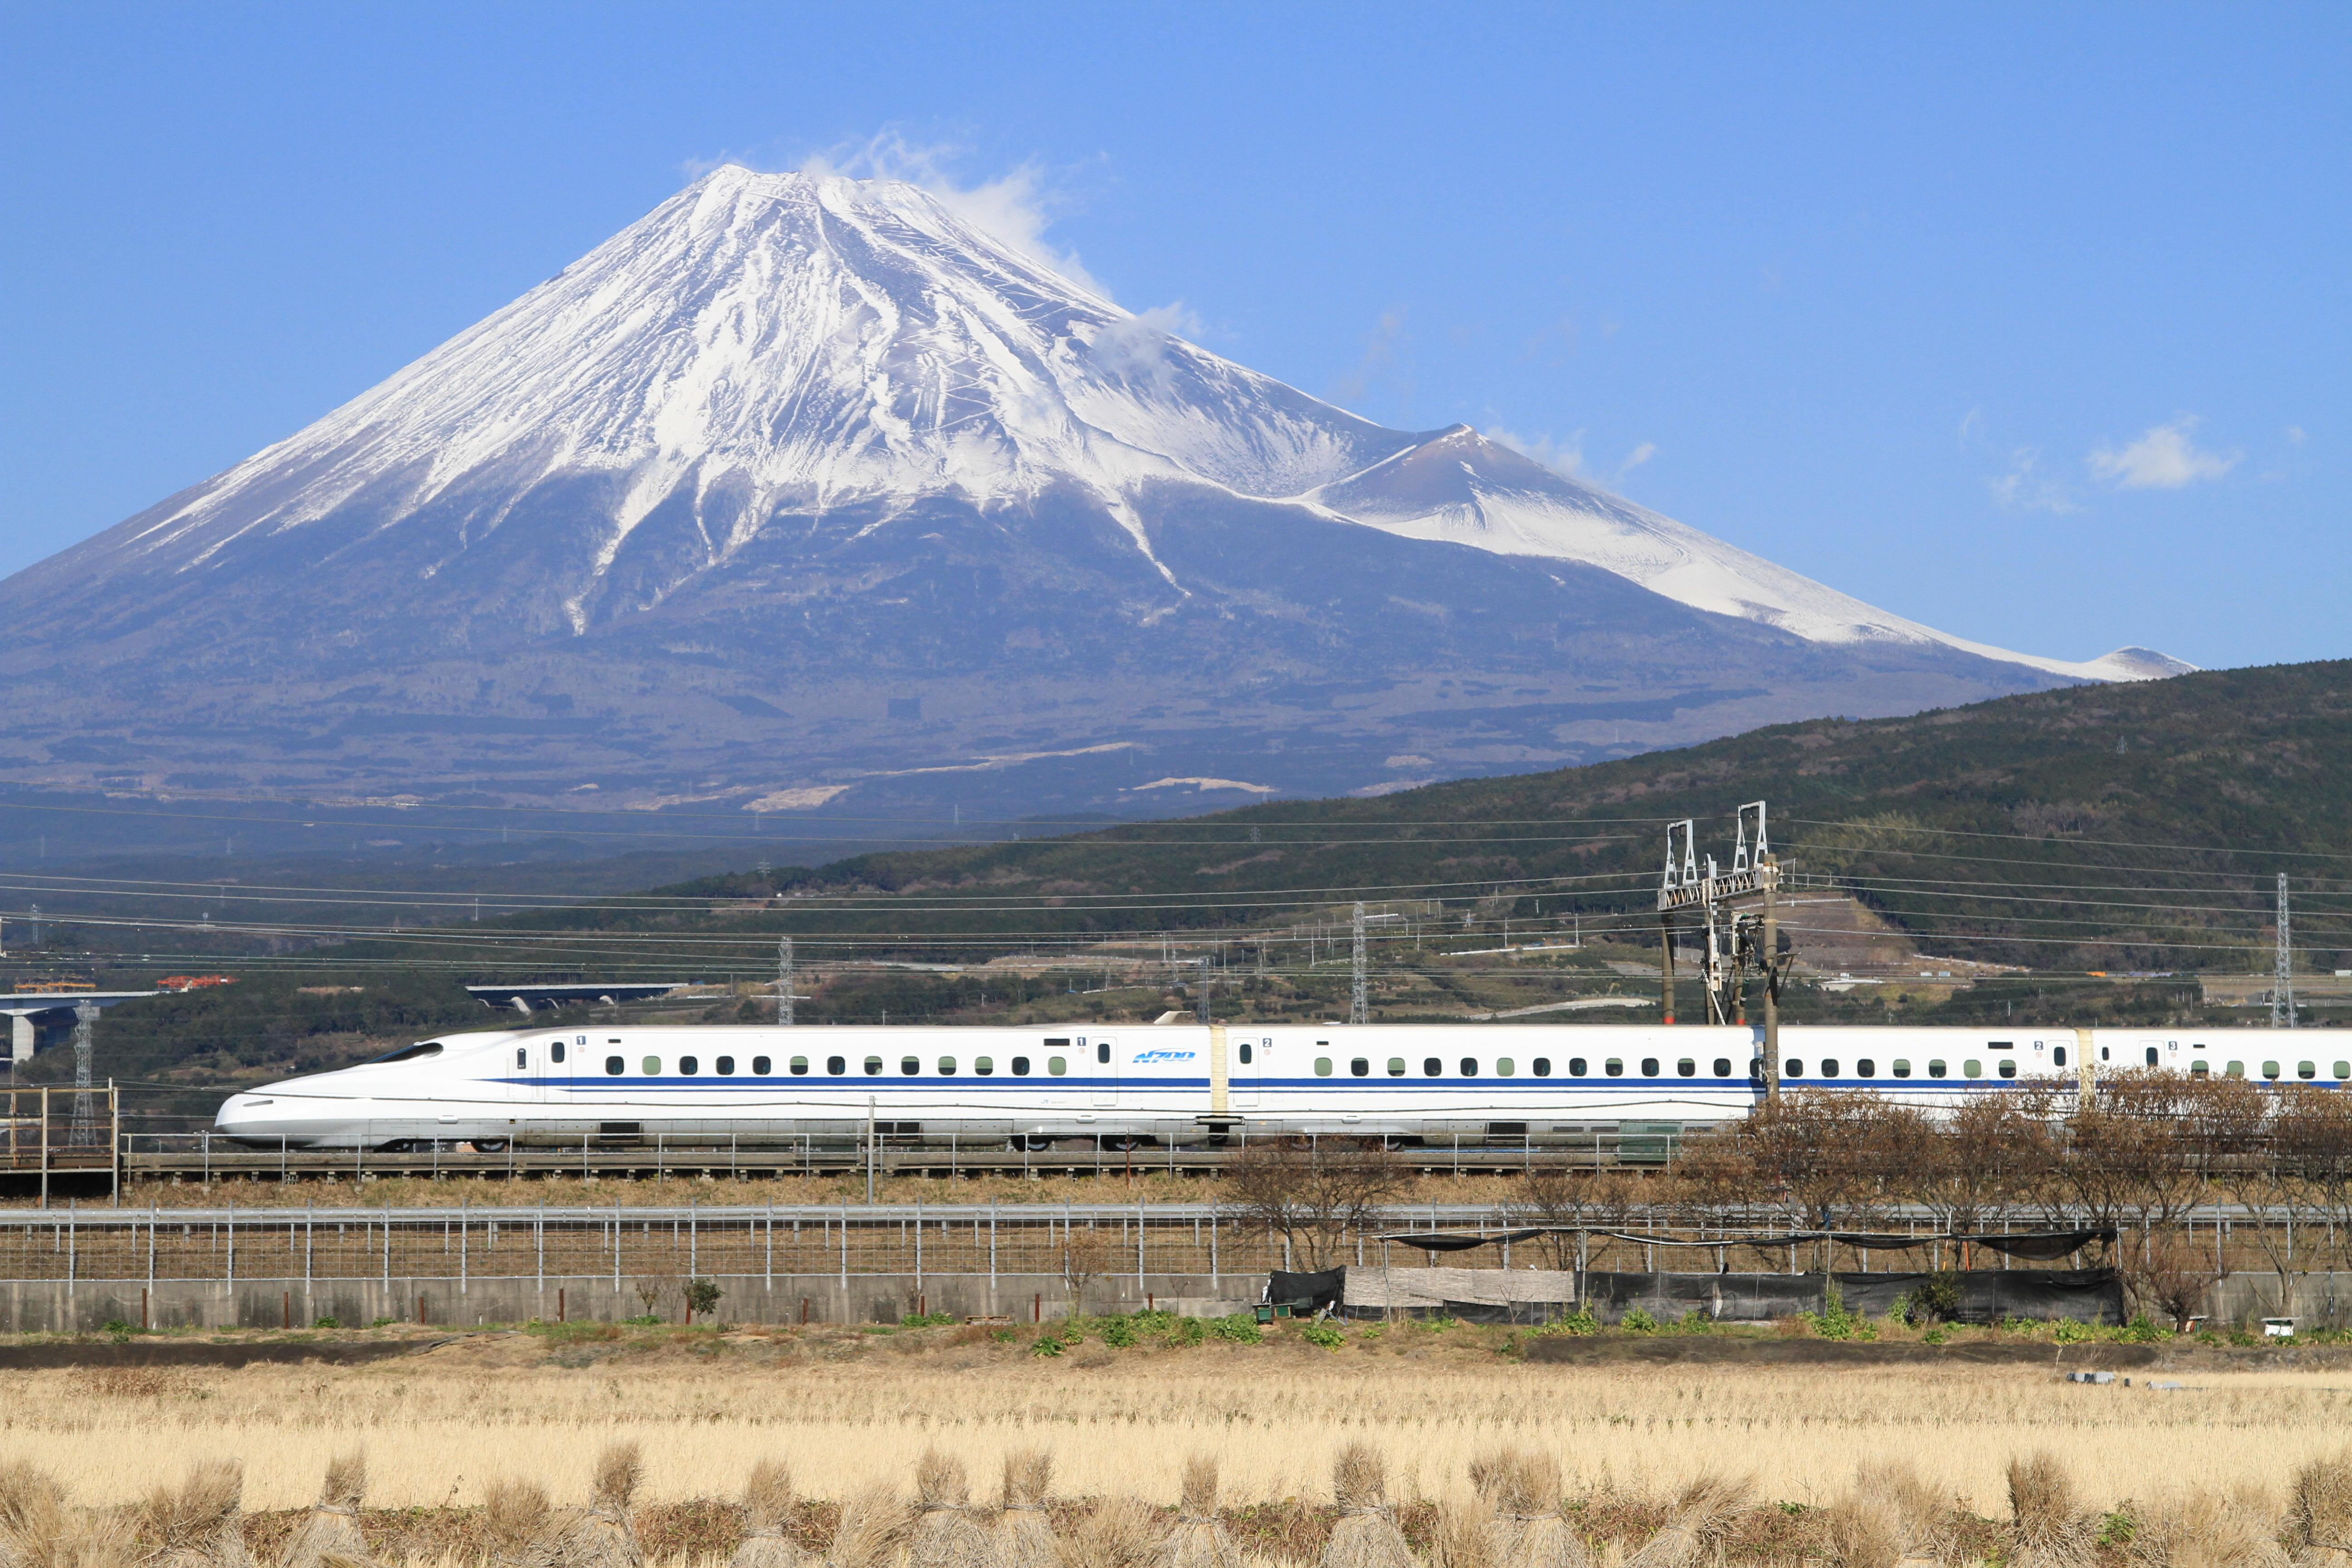 aad981357 قطار فائق السرعة - ويكيبيديا، الموسوعة الحرة